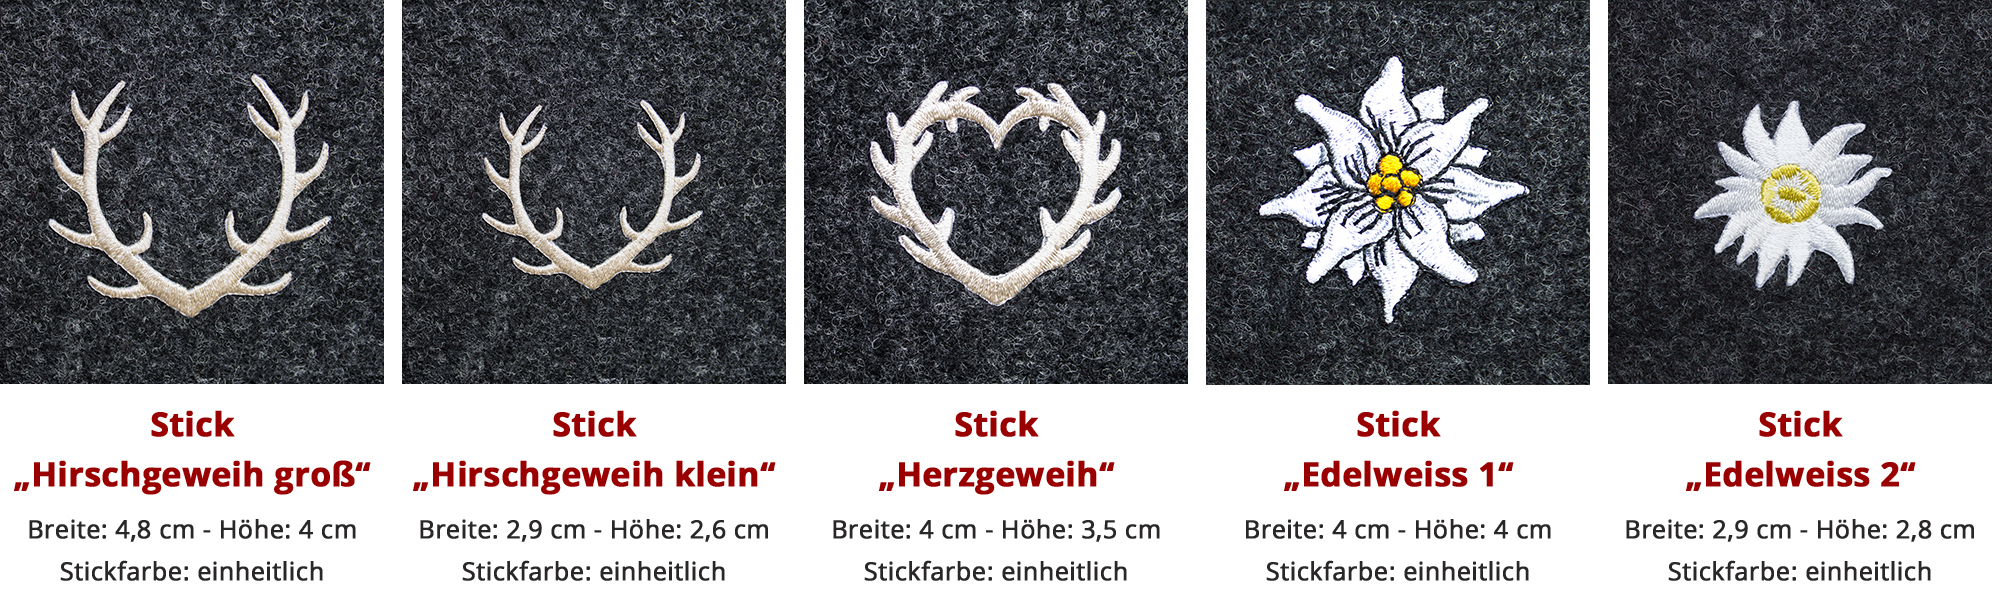 Stickmotive_02